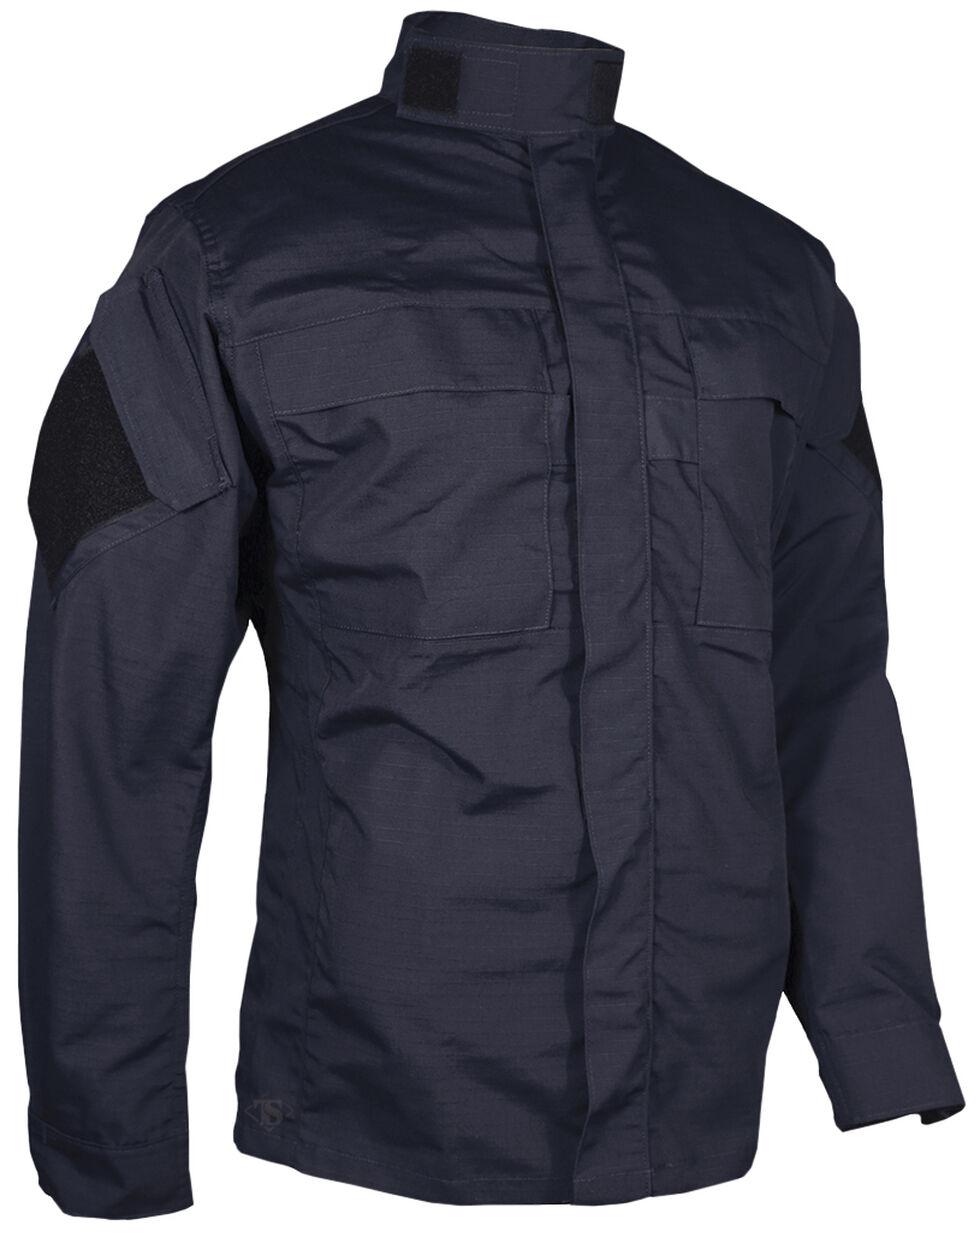 Tru-Spec Men's Navy Urban Force TRU Long Sleeve Shirt , Navy, hi-res